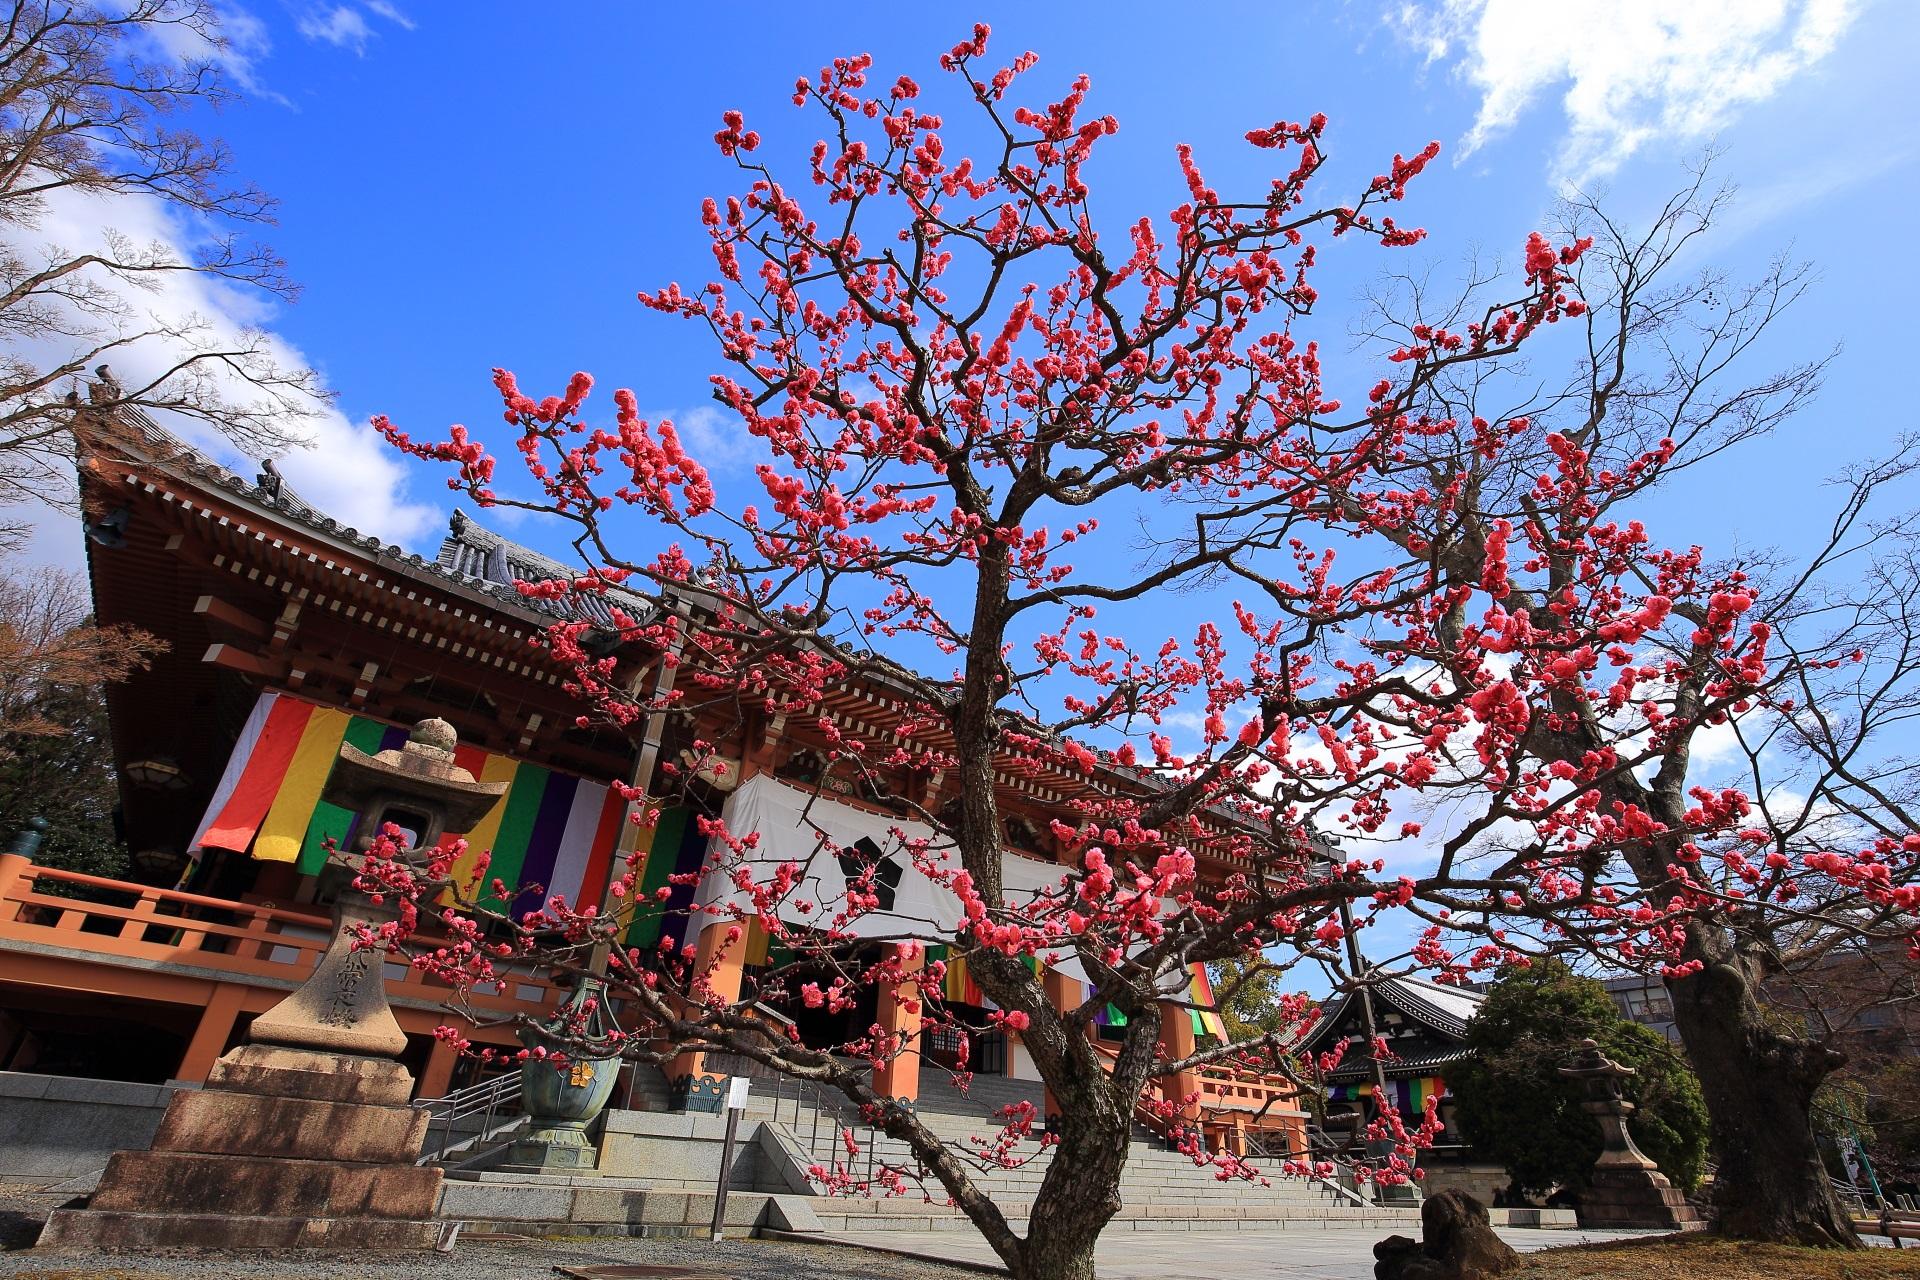 華やかに咲き誇る梅の名所